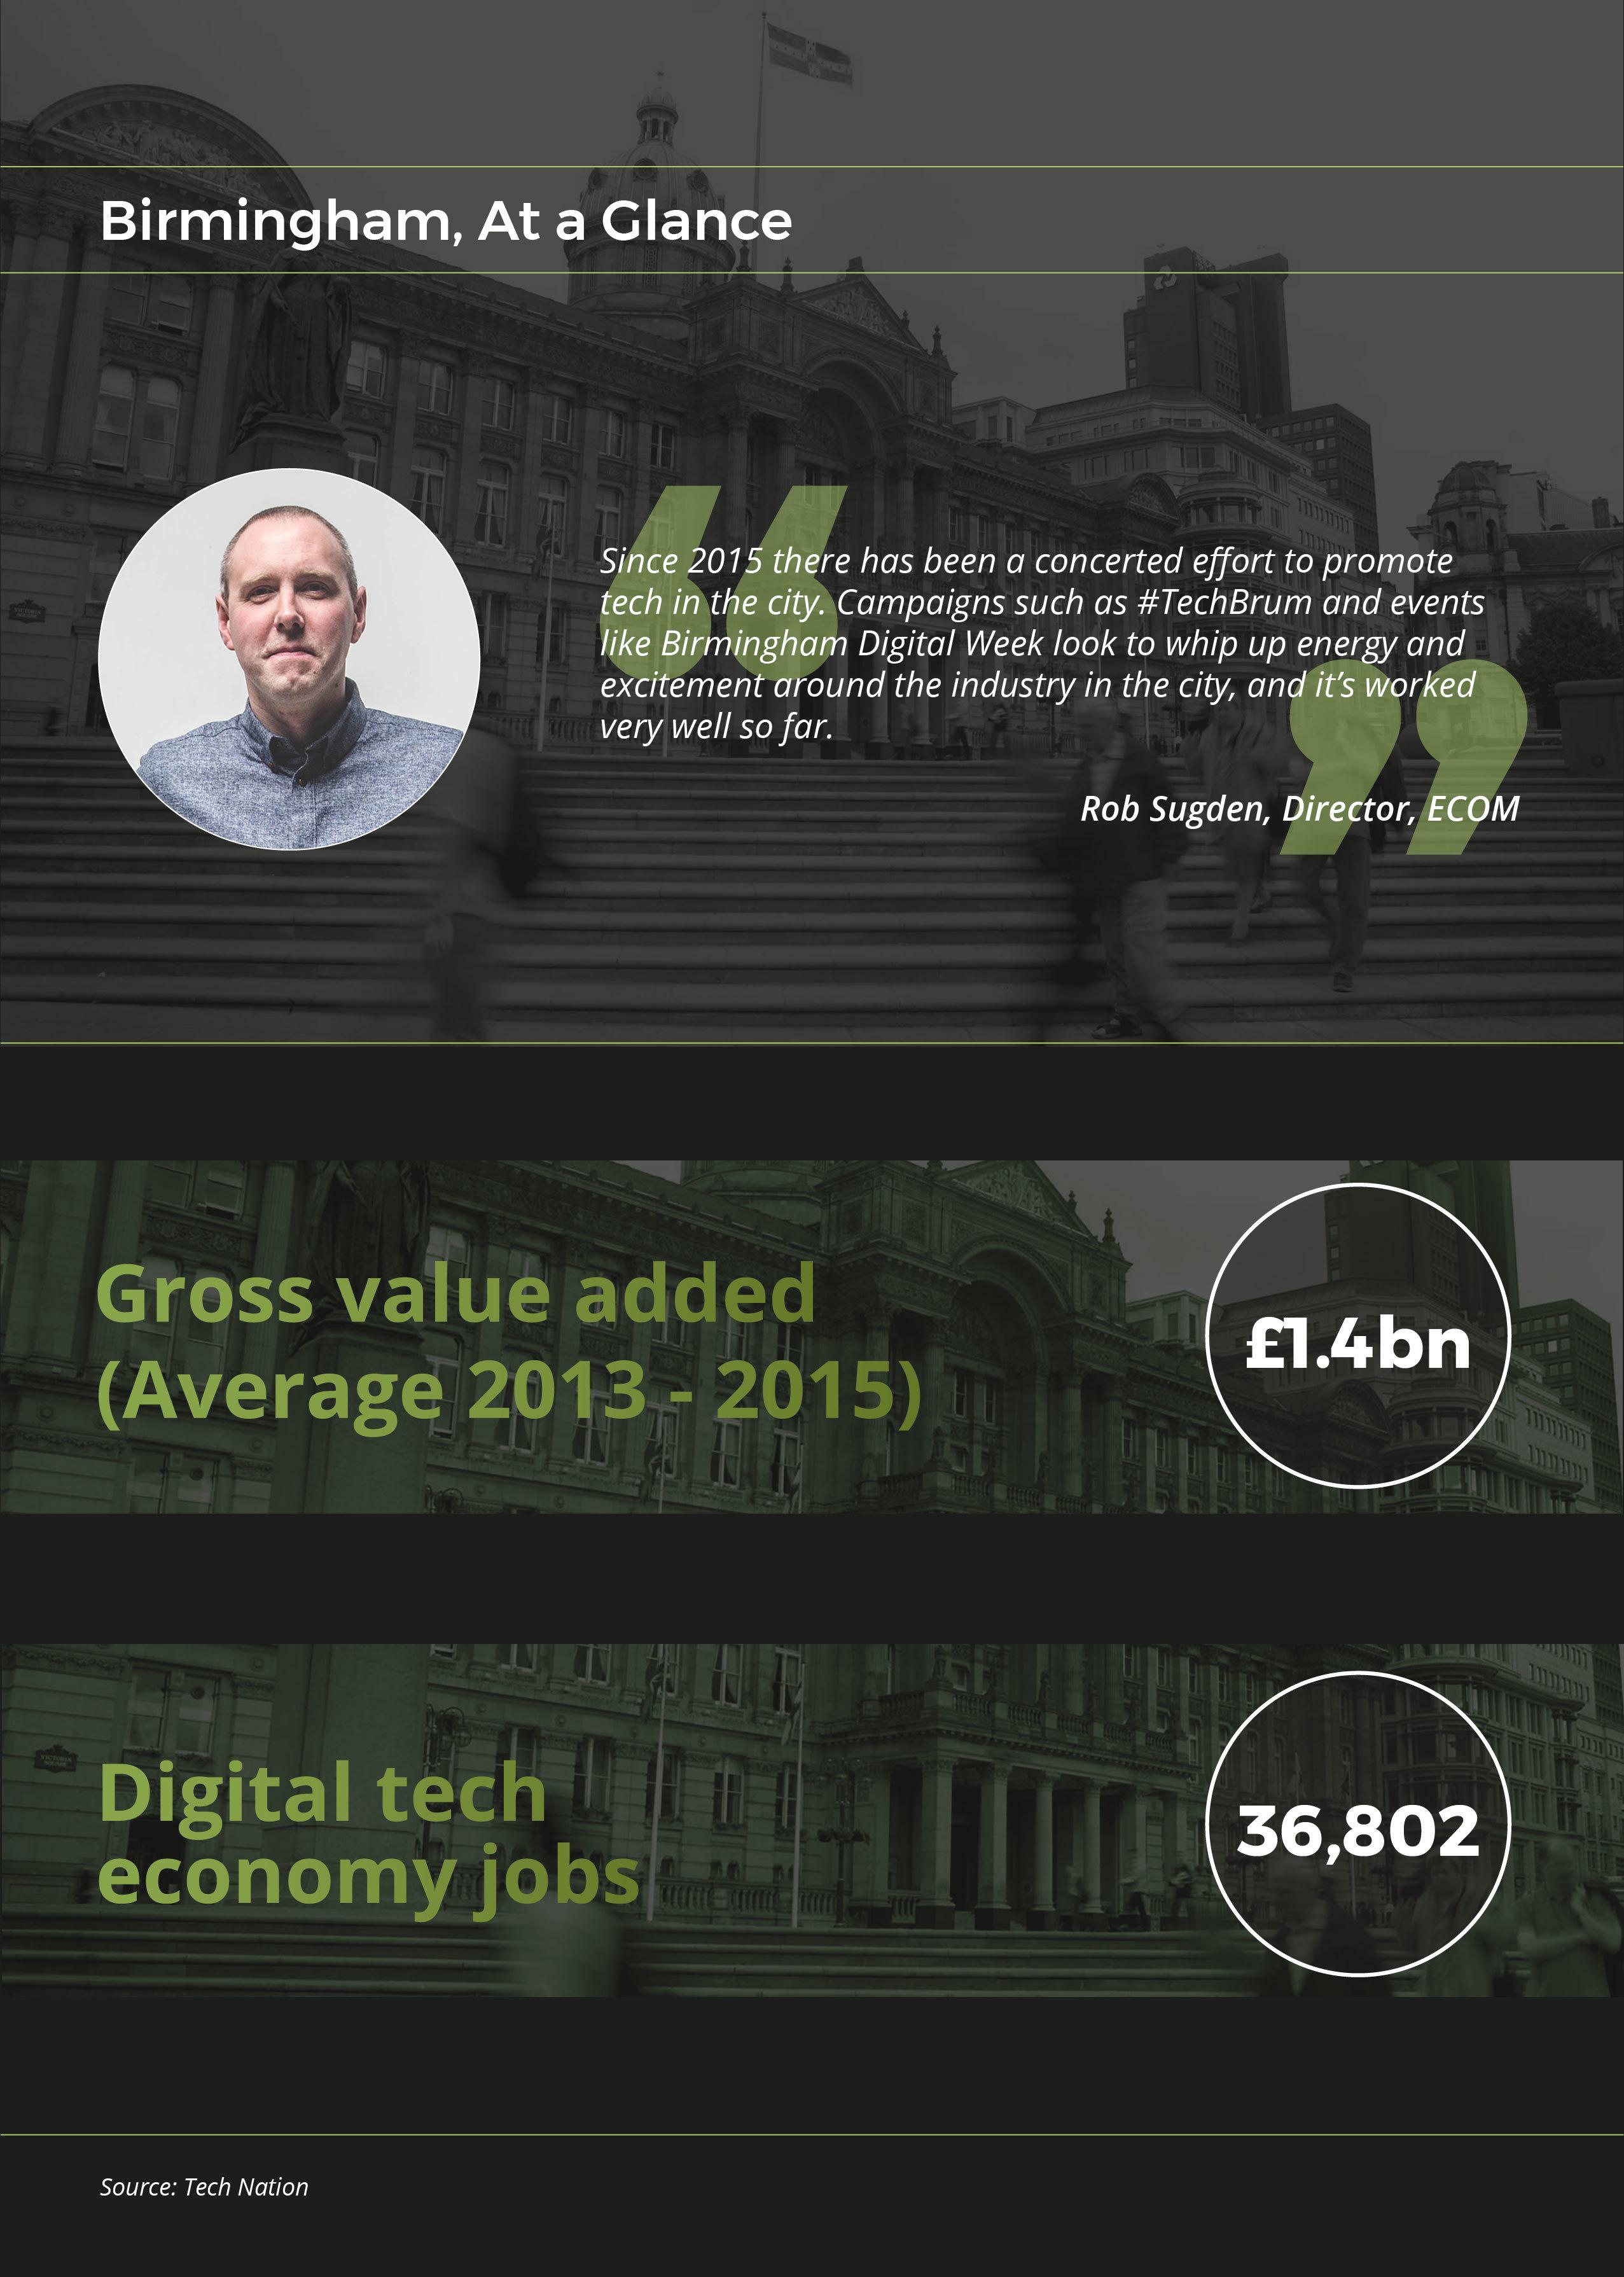 Birmingham Digital Economy - At a Glance